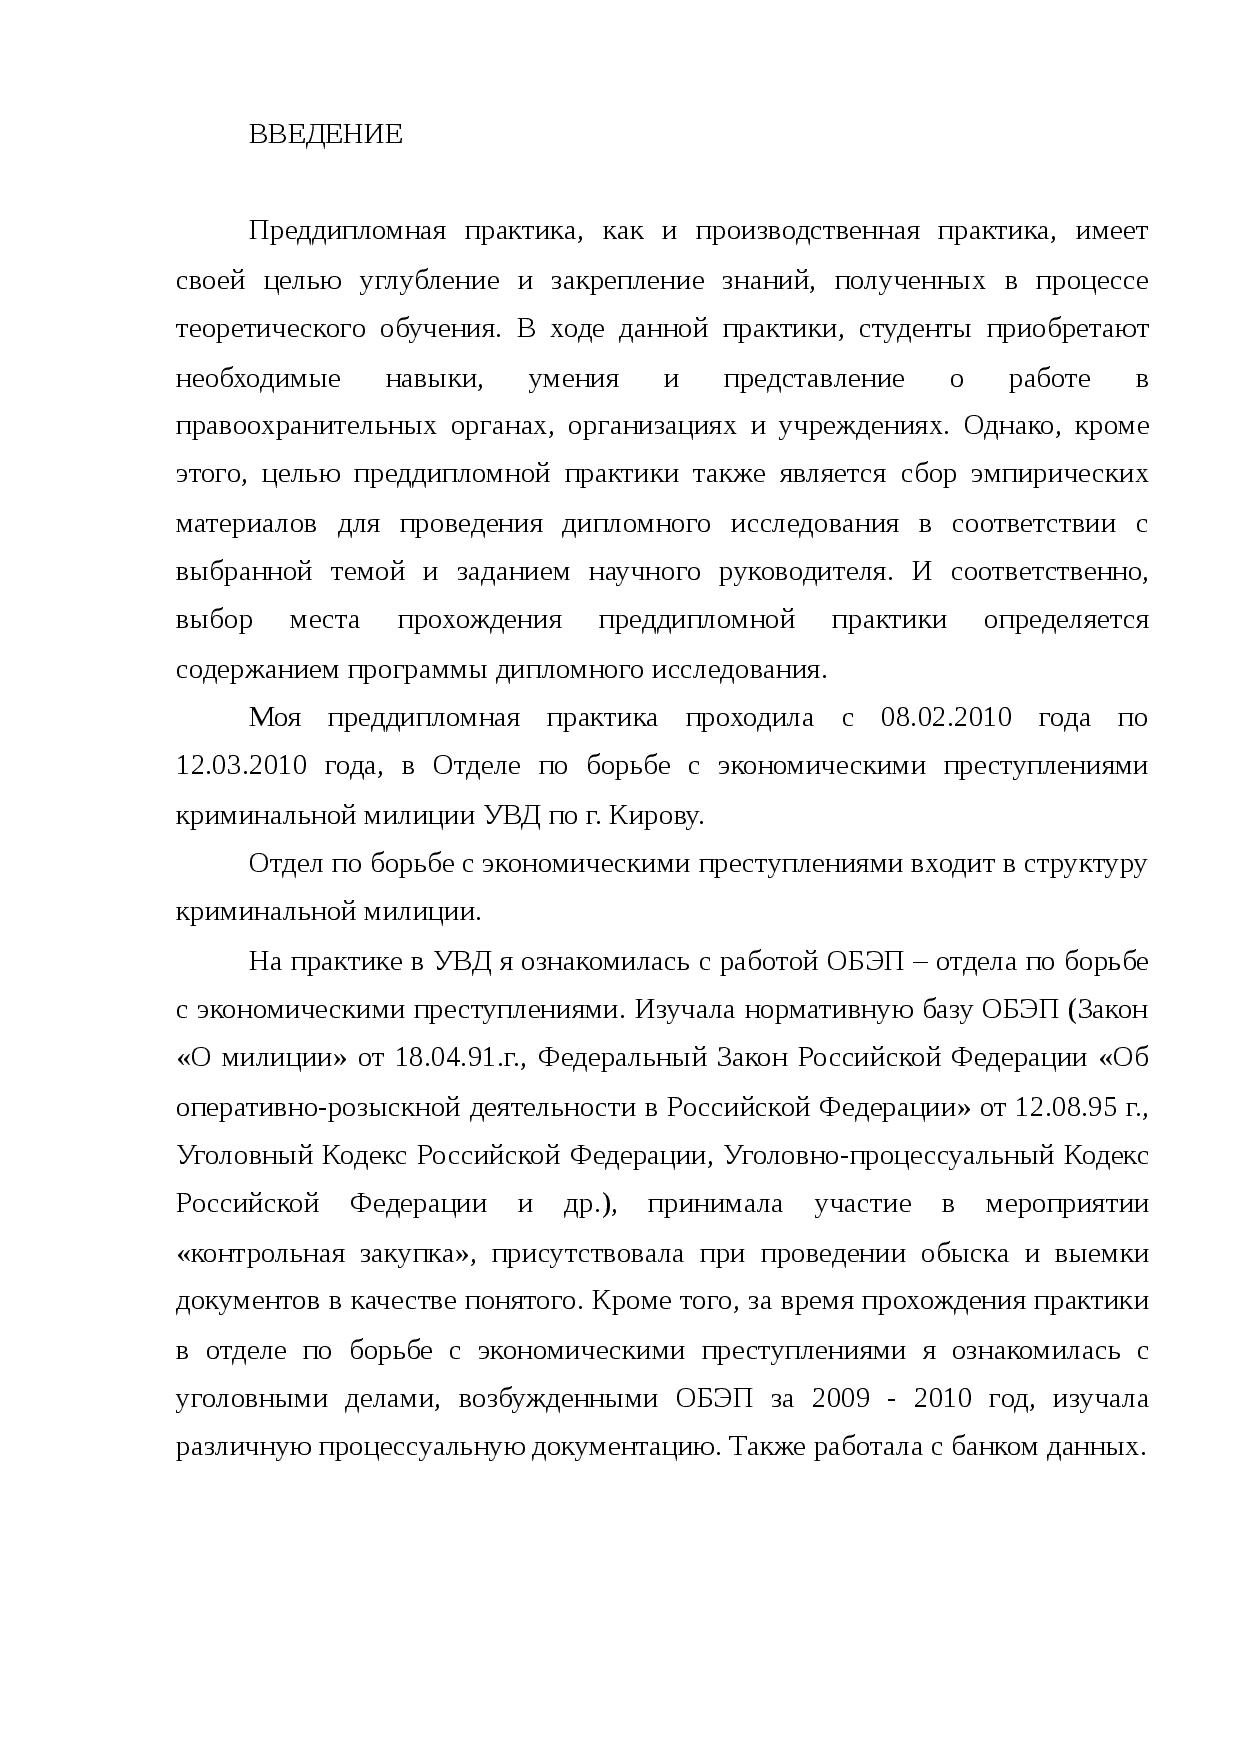 Обэп - чем занимается организация?